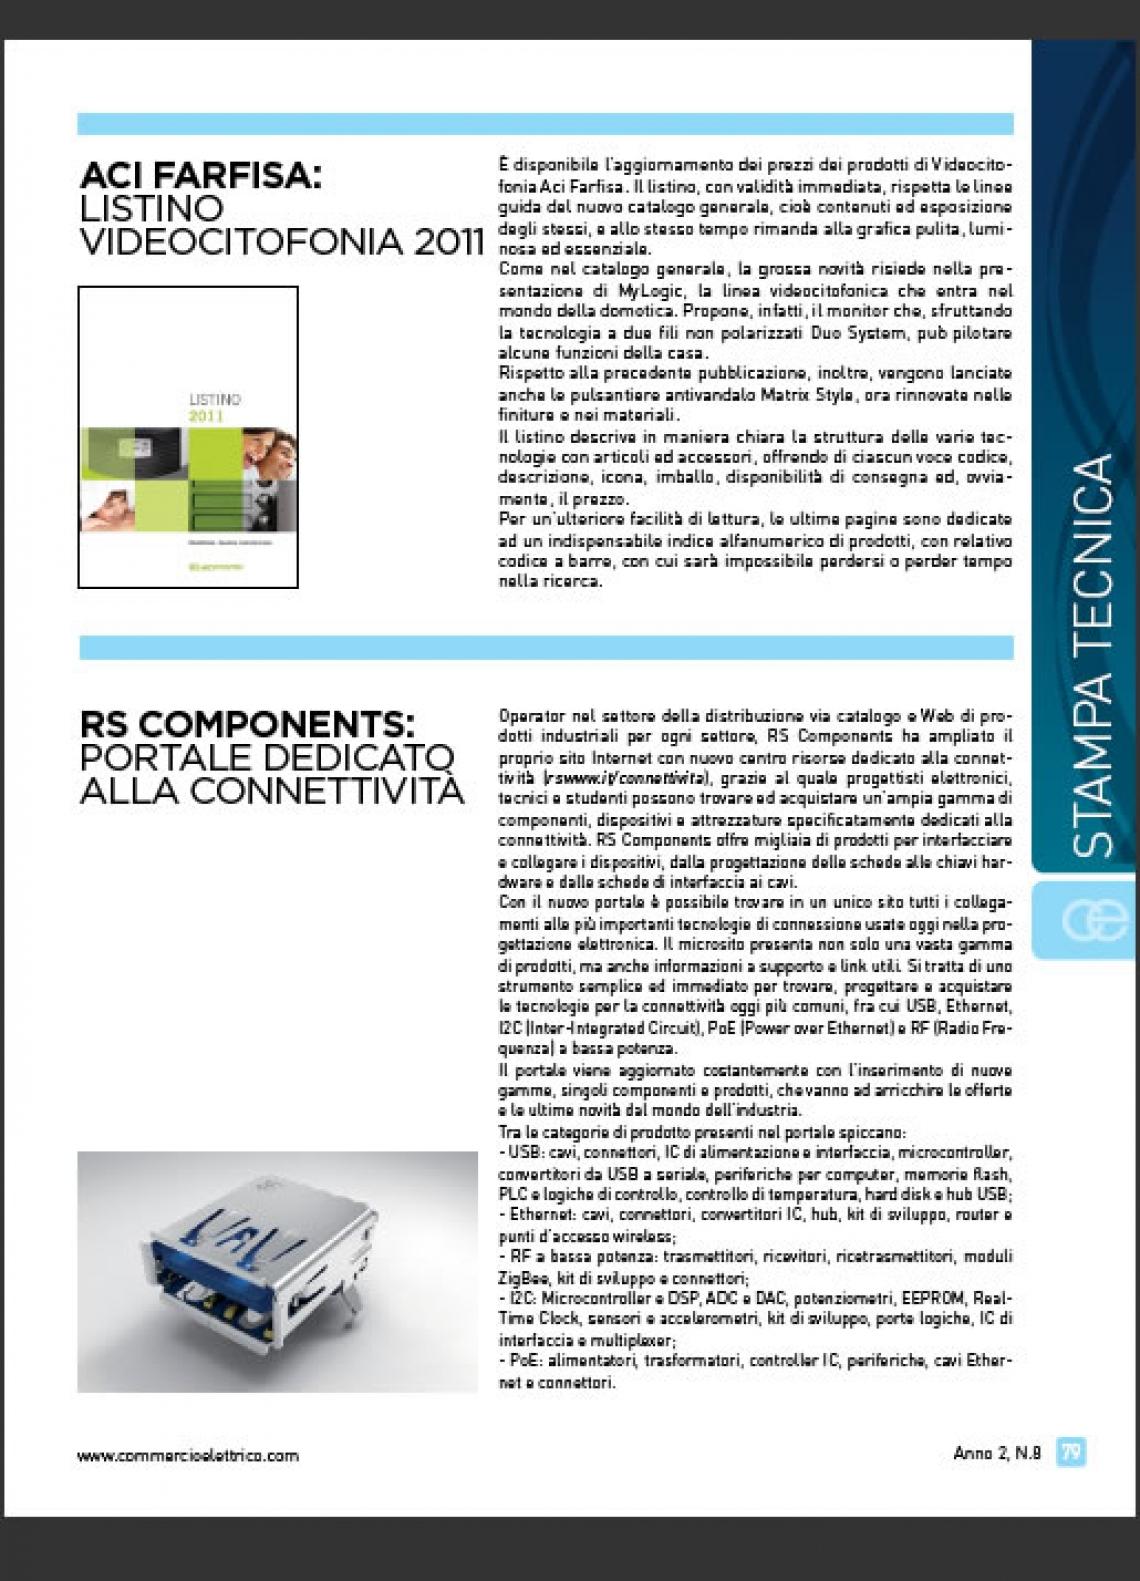 Nuovi prezzi Videocitofonia